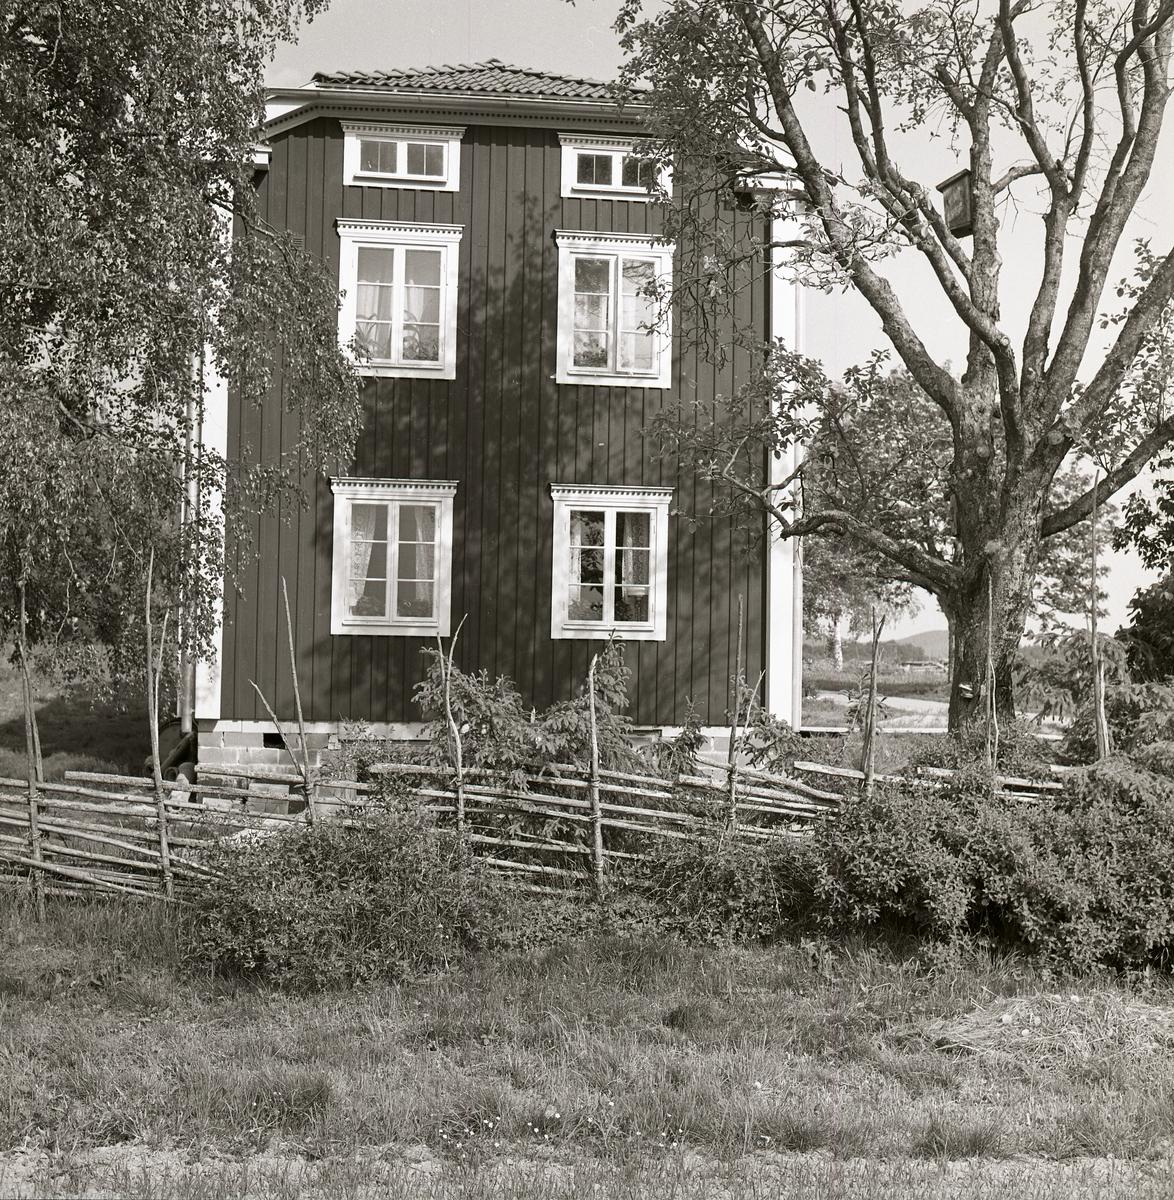 Ena gaveln på bostadshuset vid gården Sunnanåker under sommaren 1969.